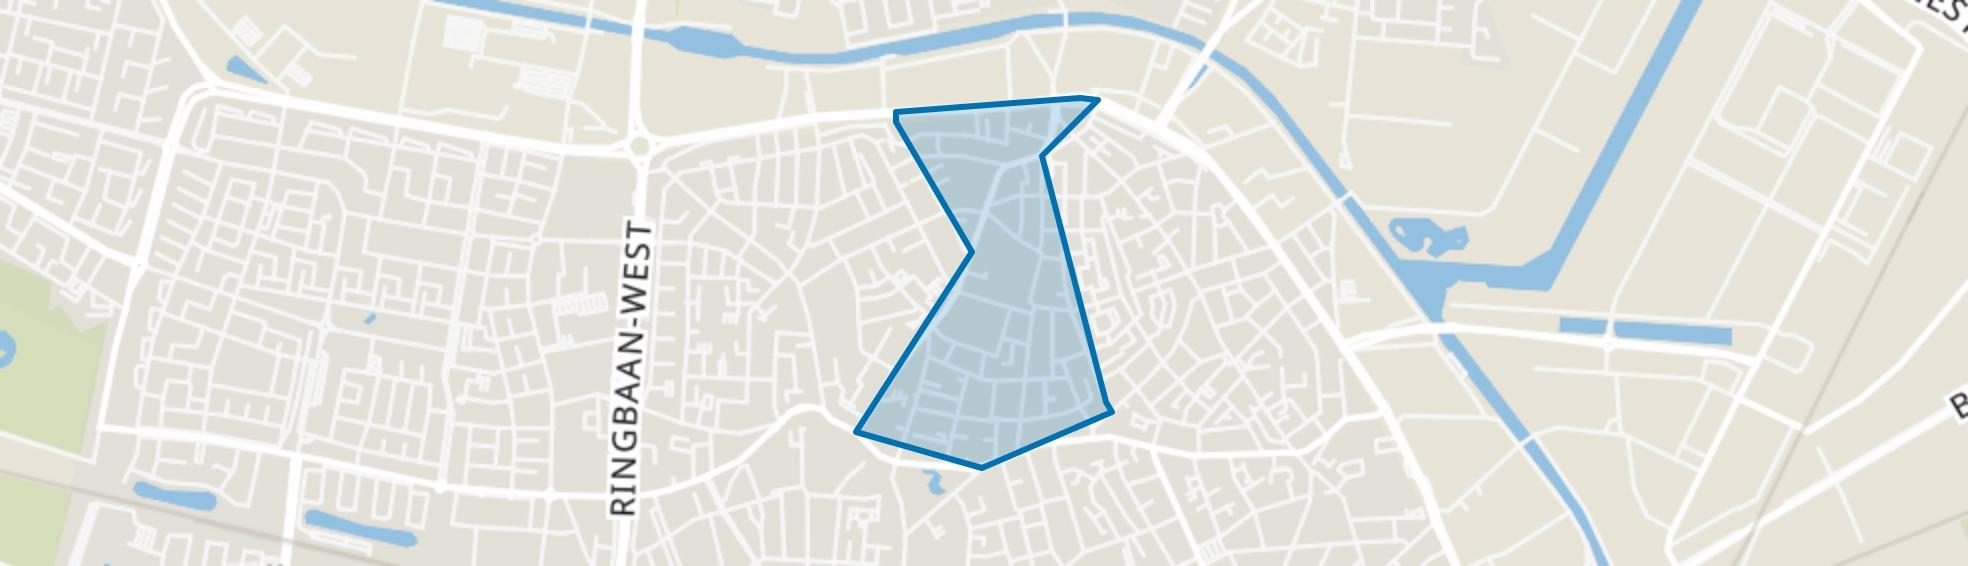 Het Goirke, Tilburg map